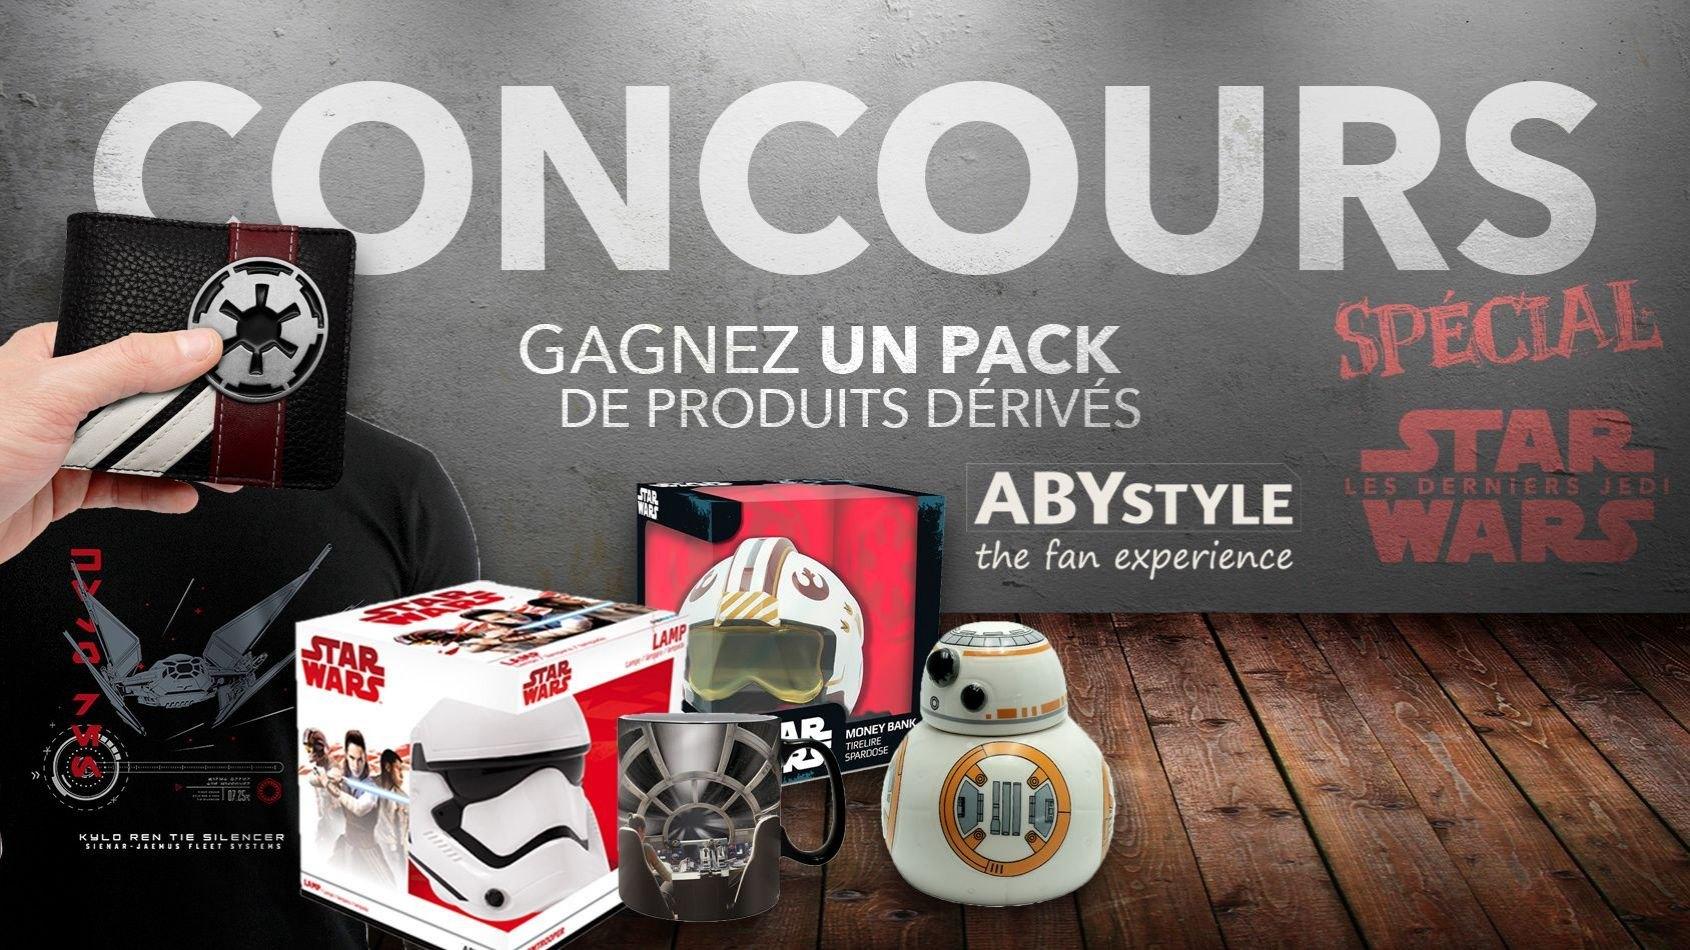 Concours Spécial #1 - Gagnez un pack de produits dérivés ABYstyle